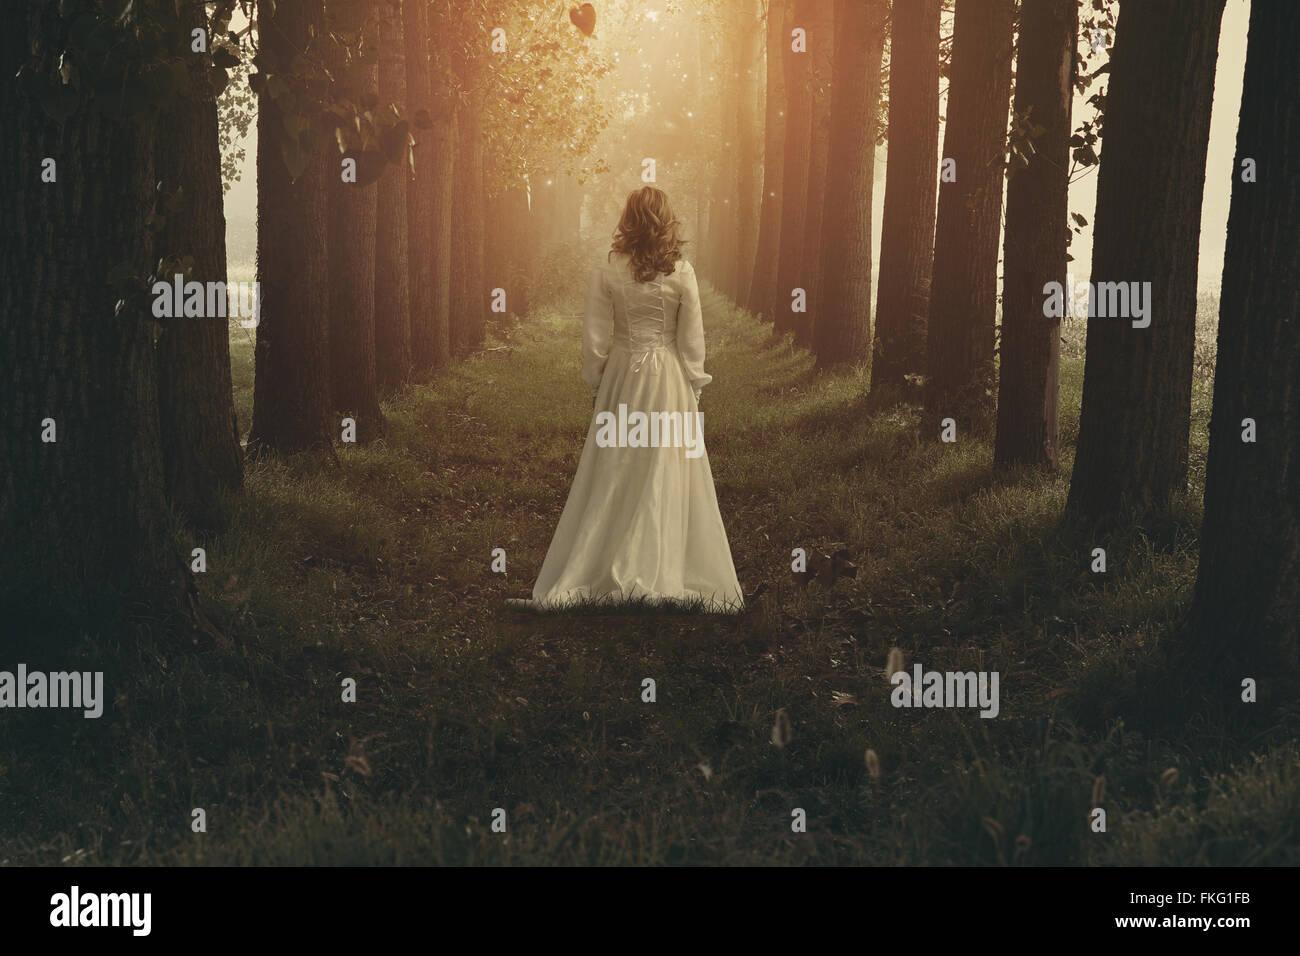 Femme avec robe victorienne en fée et domaine de rêve. Manipulation de fantaisie Photo Stock